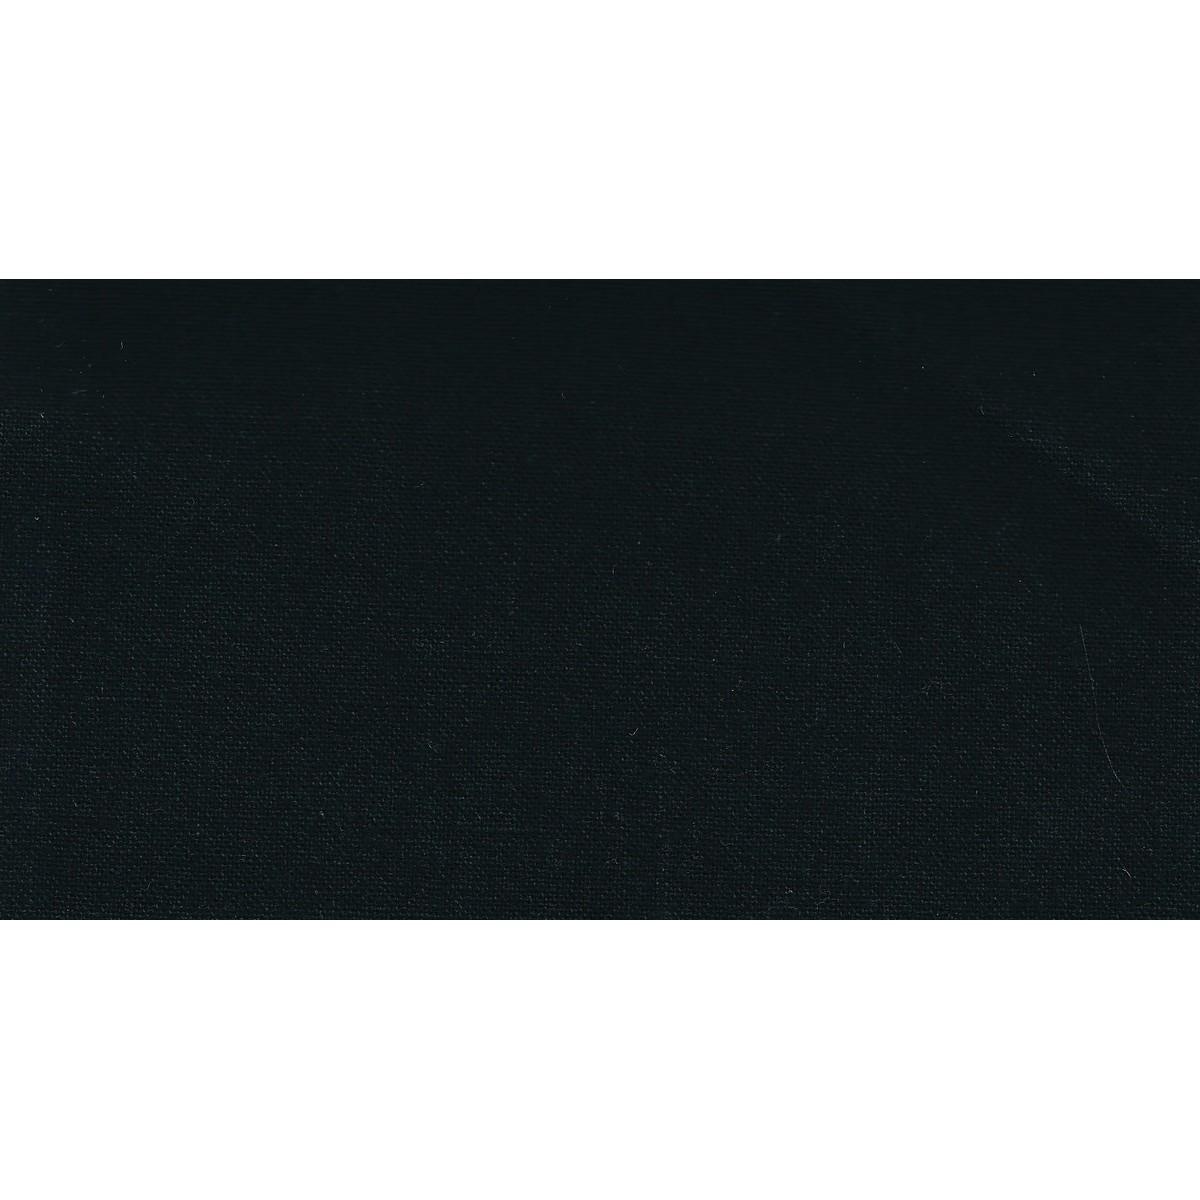 菱)綿麻キャンバス(麻55%) 無地 巾110cm 原反/HCL6000R-F【01】【取寄】[12m]《 手芸用品 生地・芯地 キャンバス・ガーゼ 》